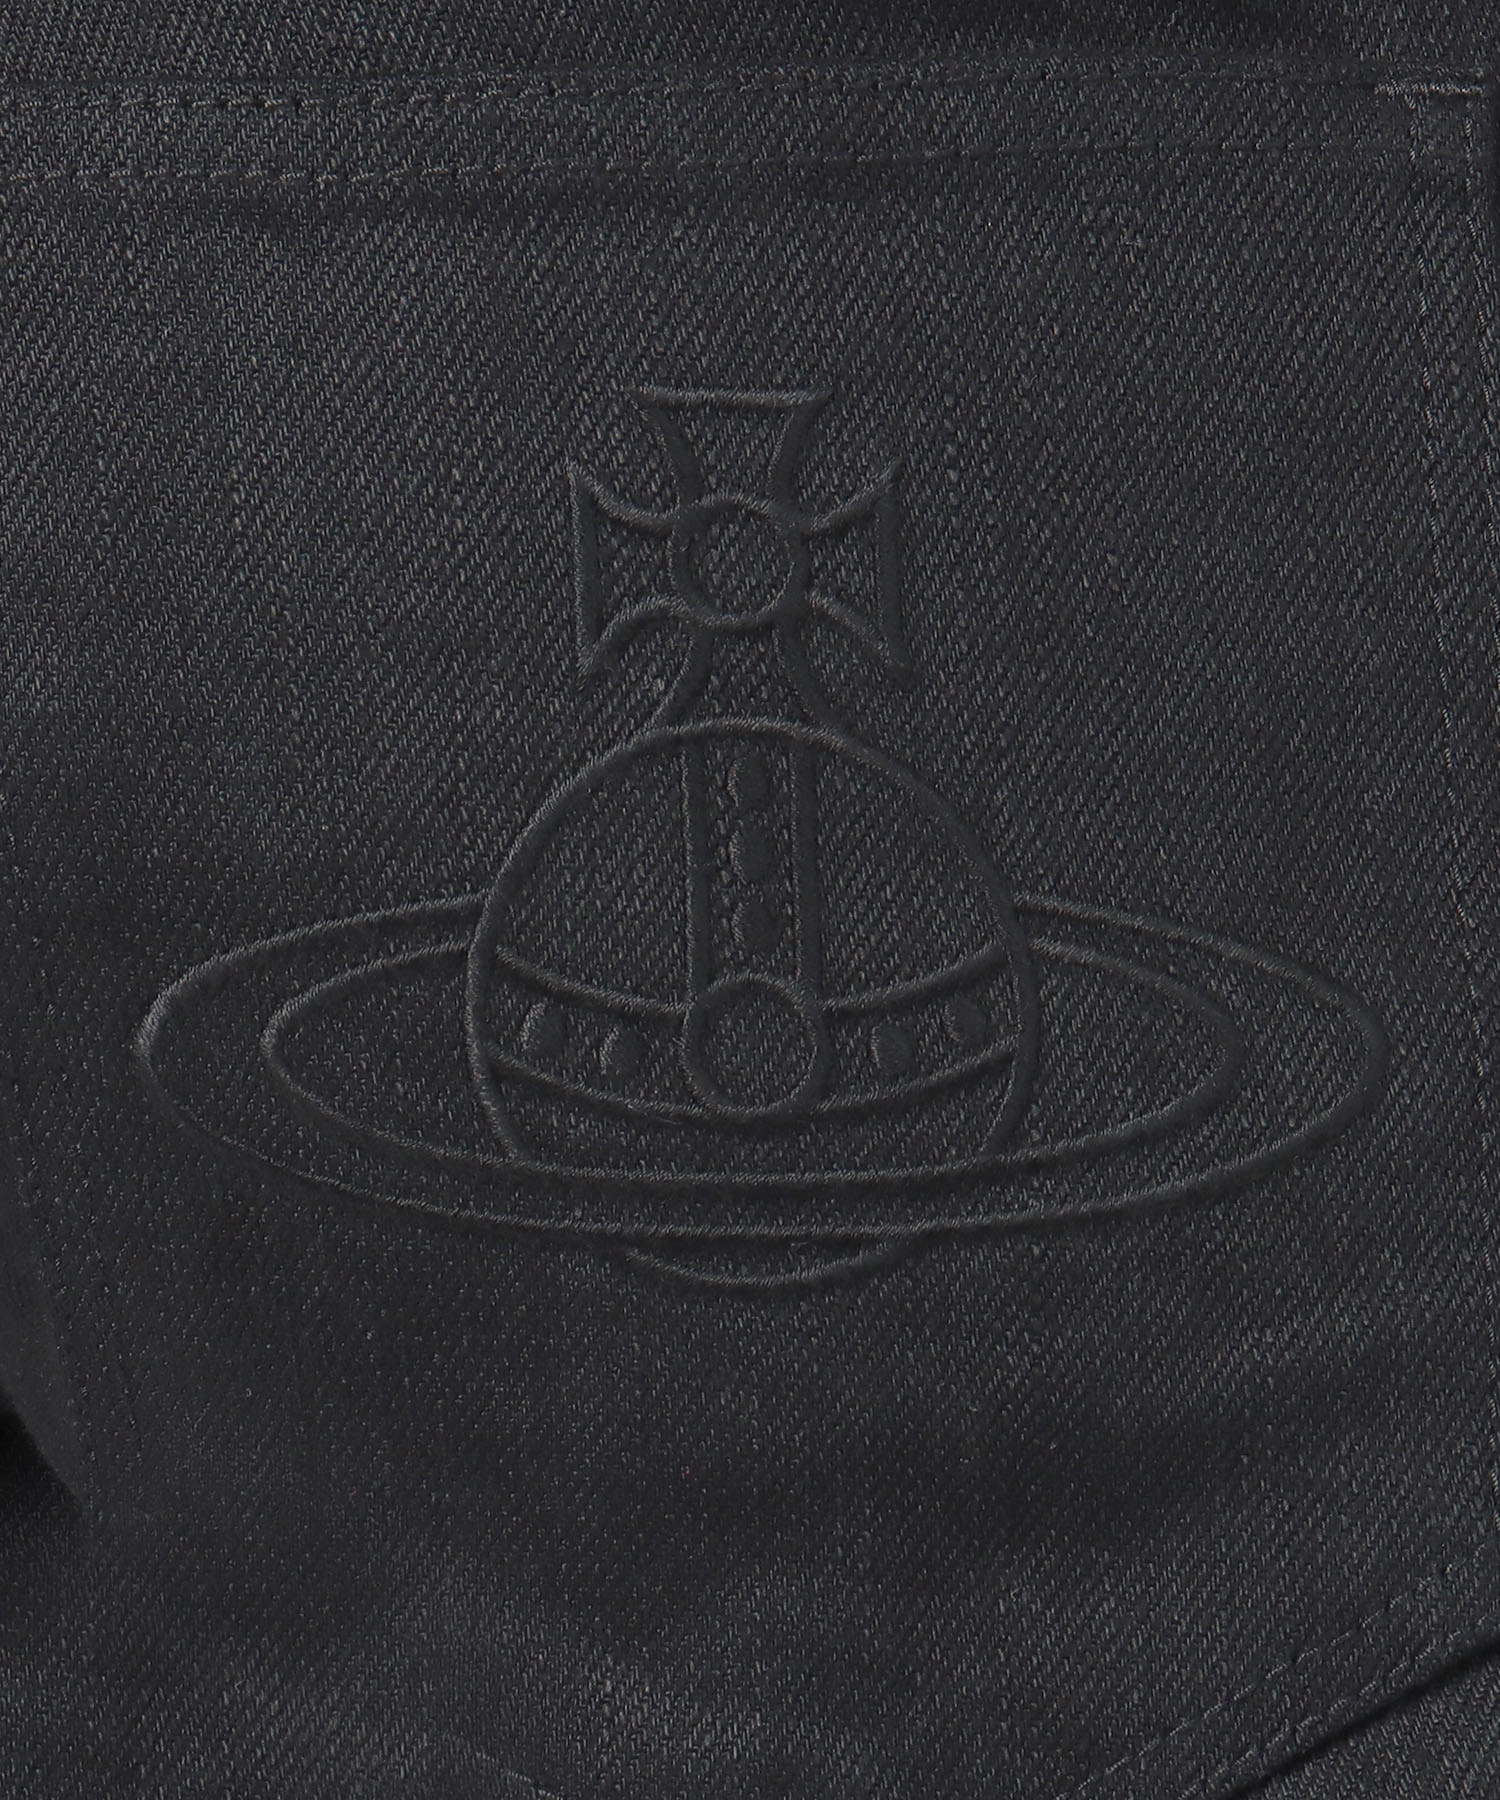 ORB刺繍 スキニーデニム